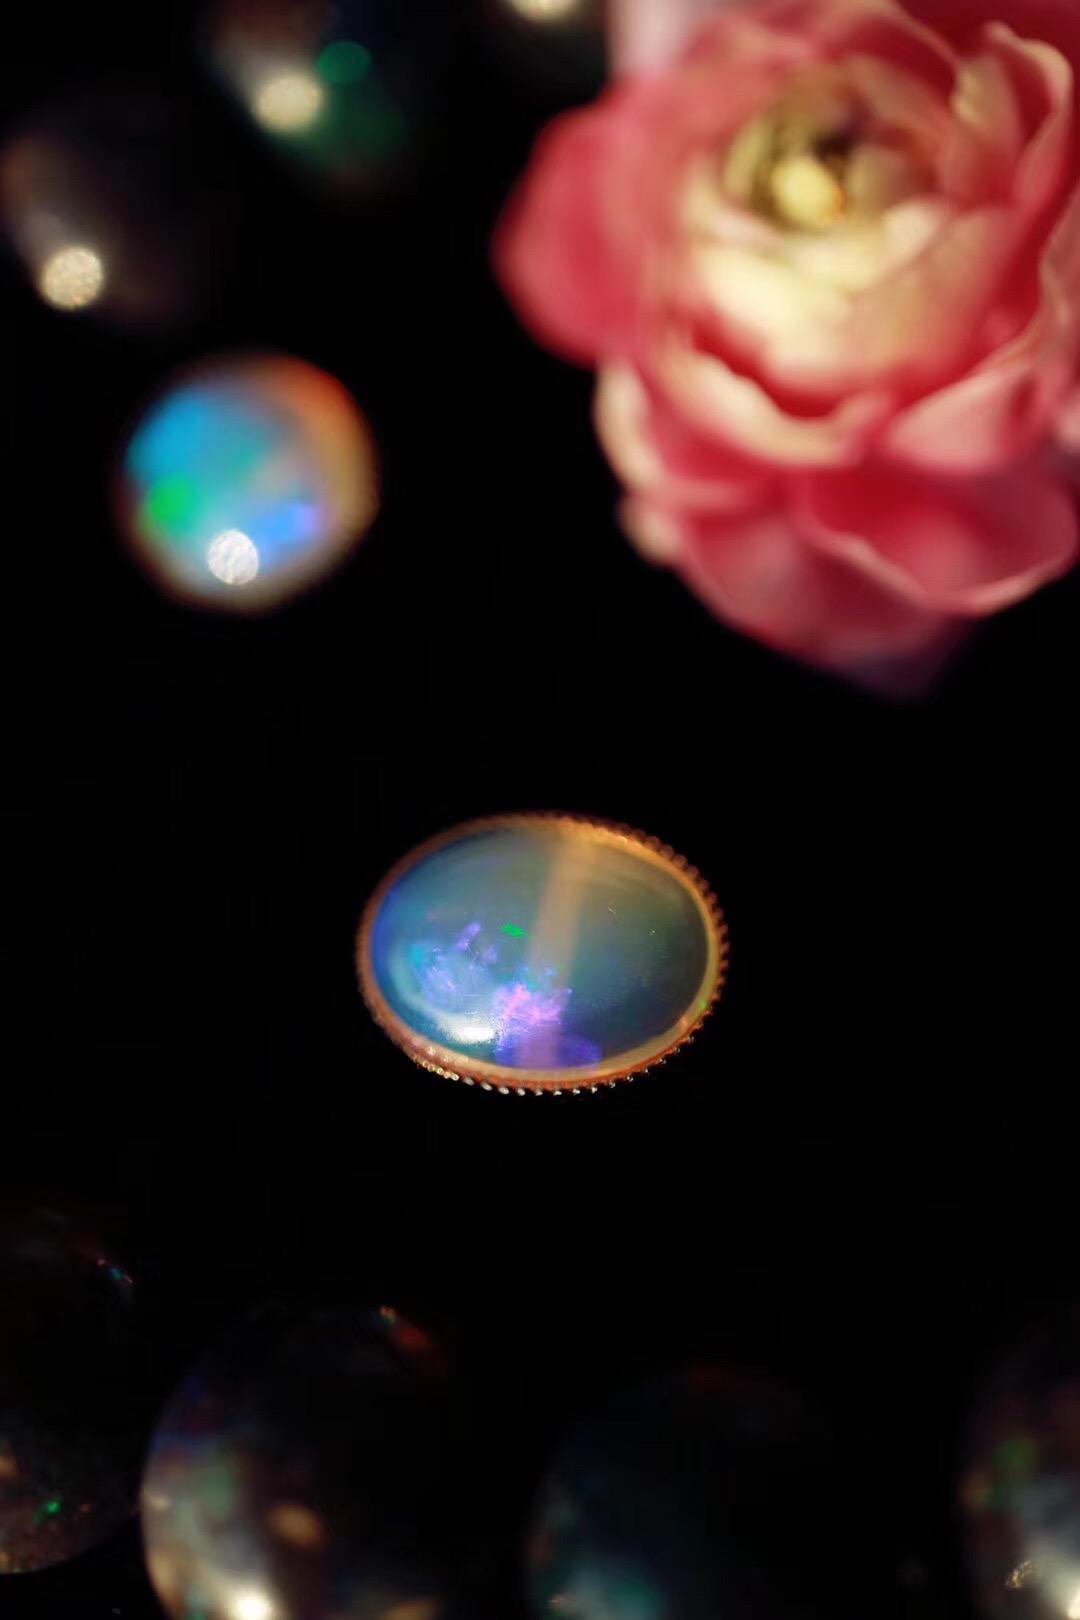 【欧泊】欧泊是世界上最美丽的宝石之一-菩心晶舍